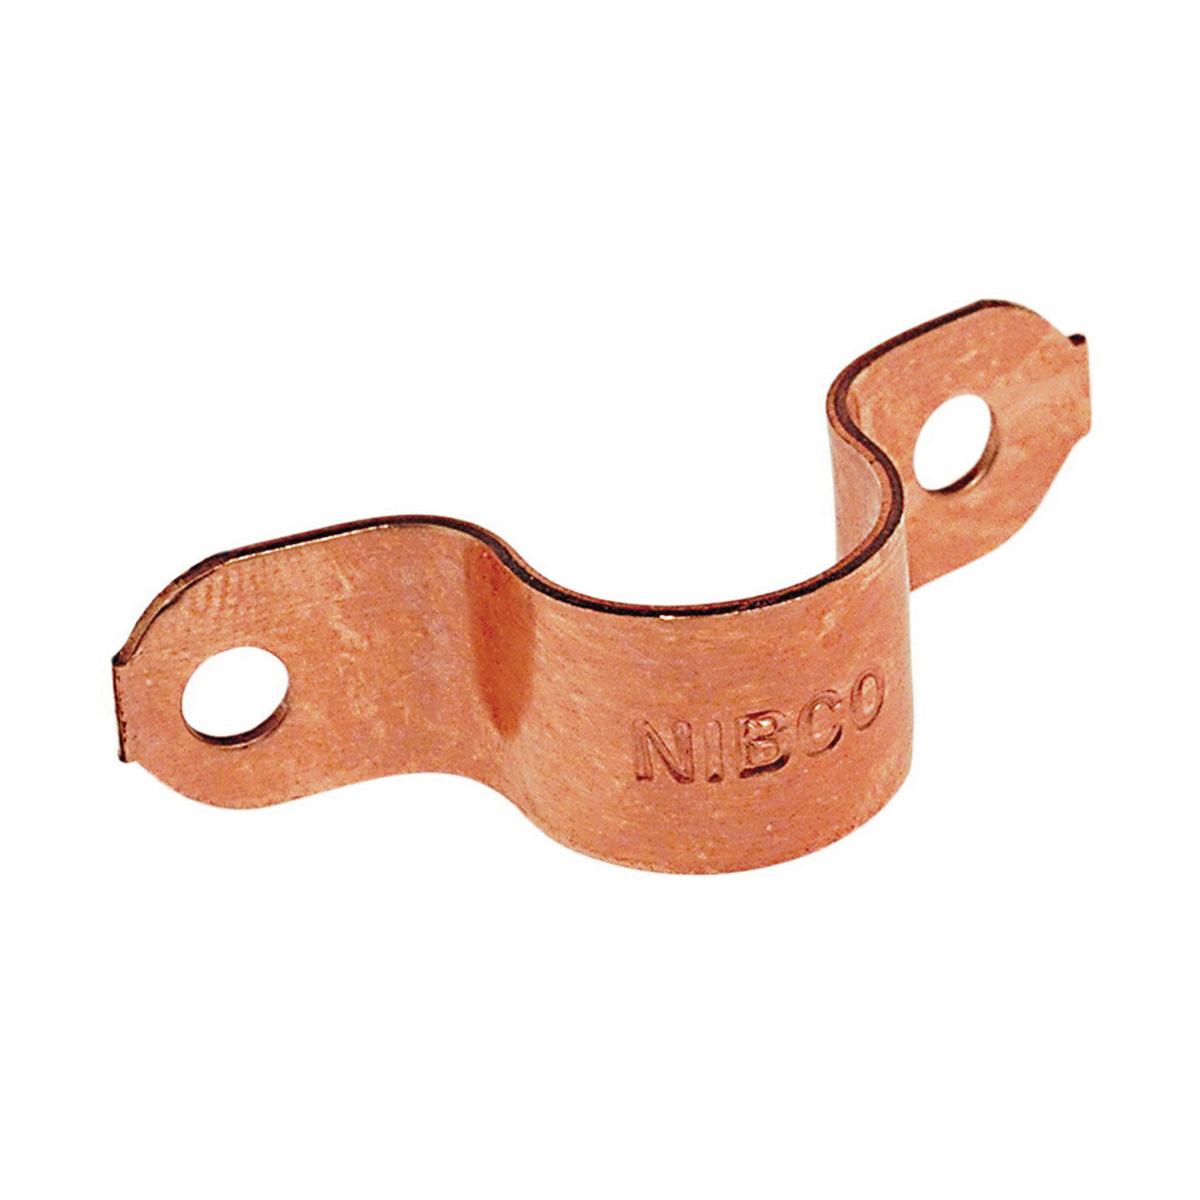 NIBCO® 9213500 624 Tube Strap, 3/4 in Tube, Copper, Domestic